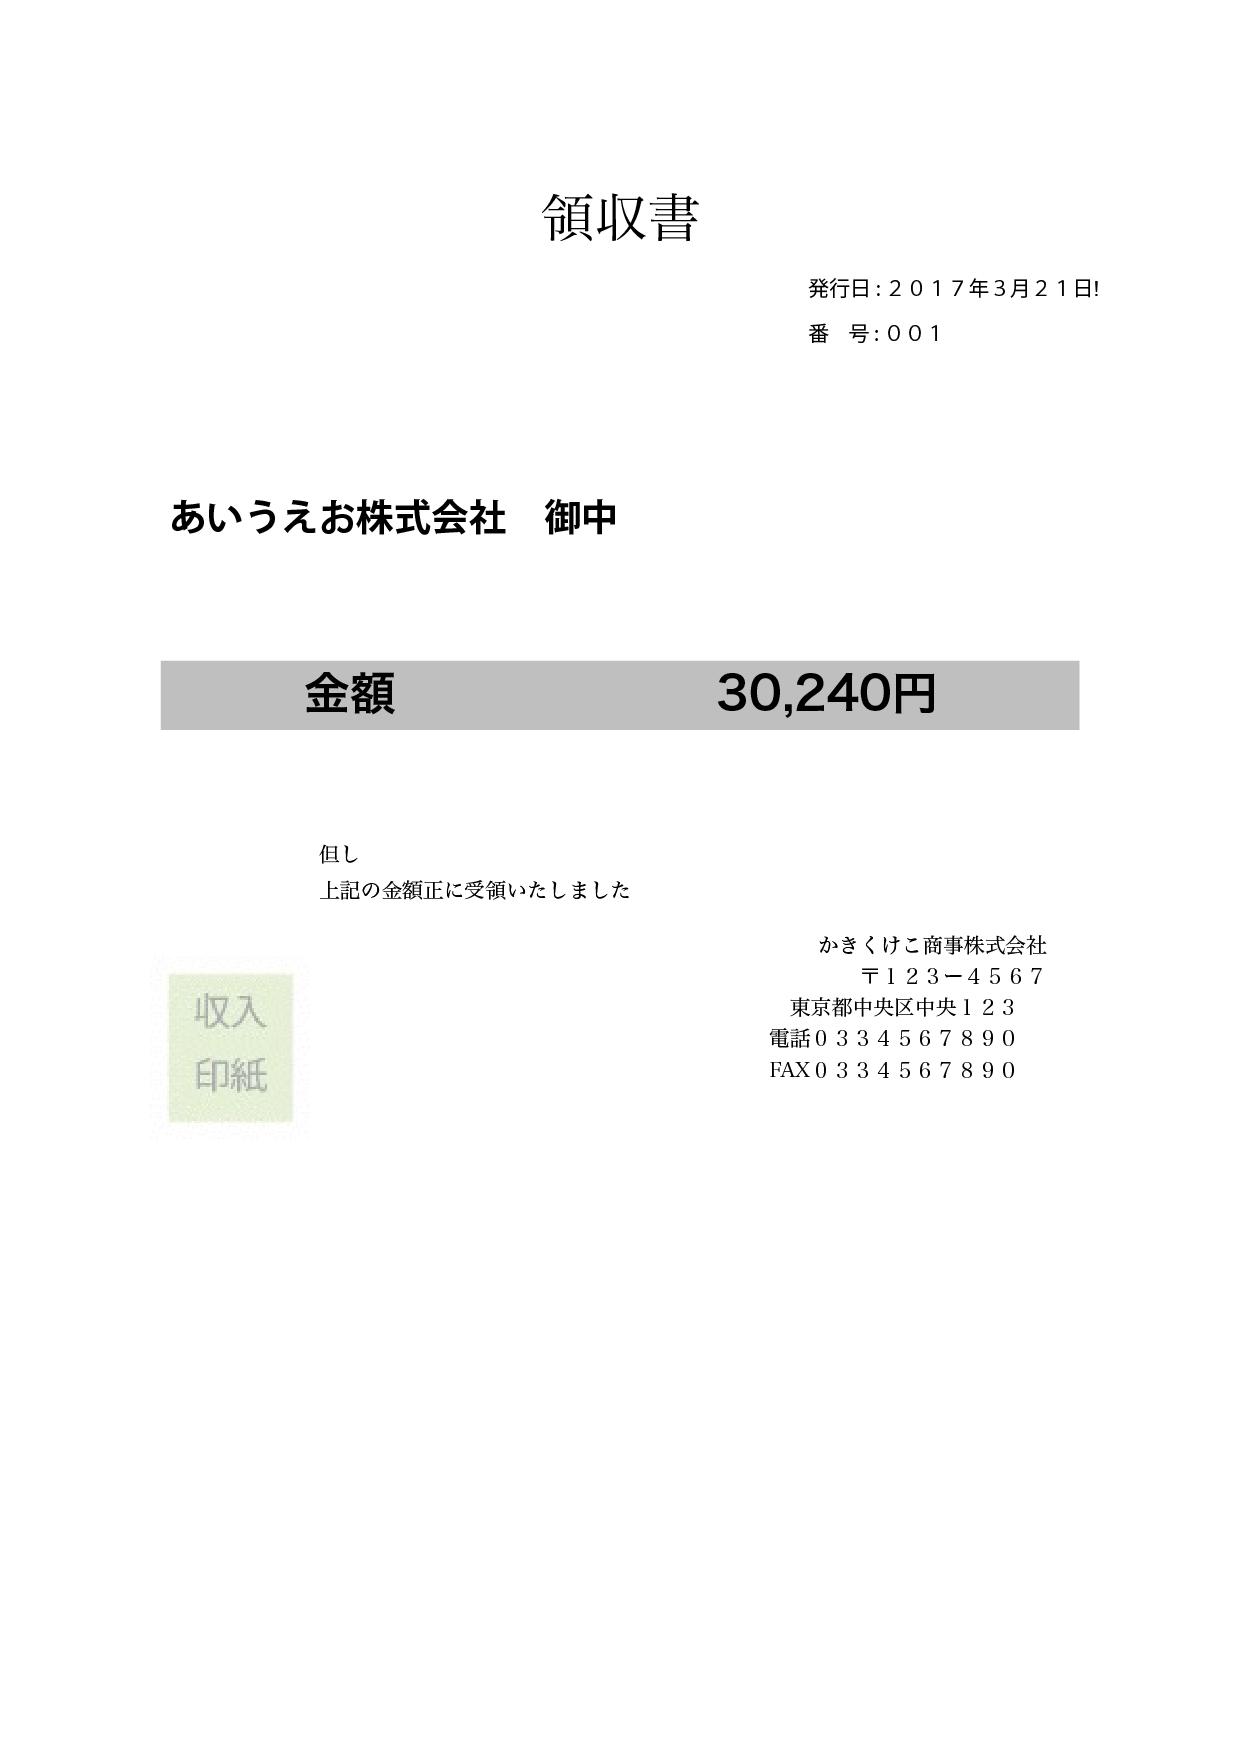 領収書テンプレート(ワード、ページズ)大きめA4サイズ1枚